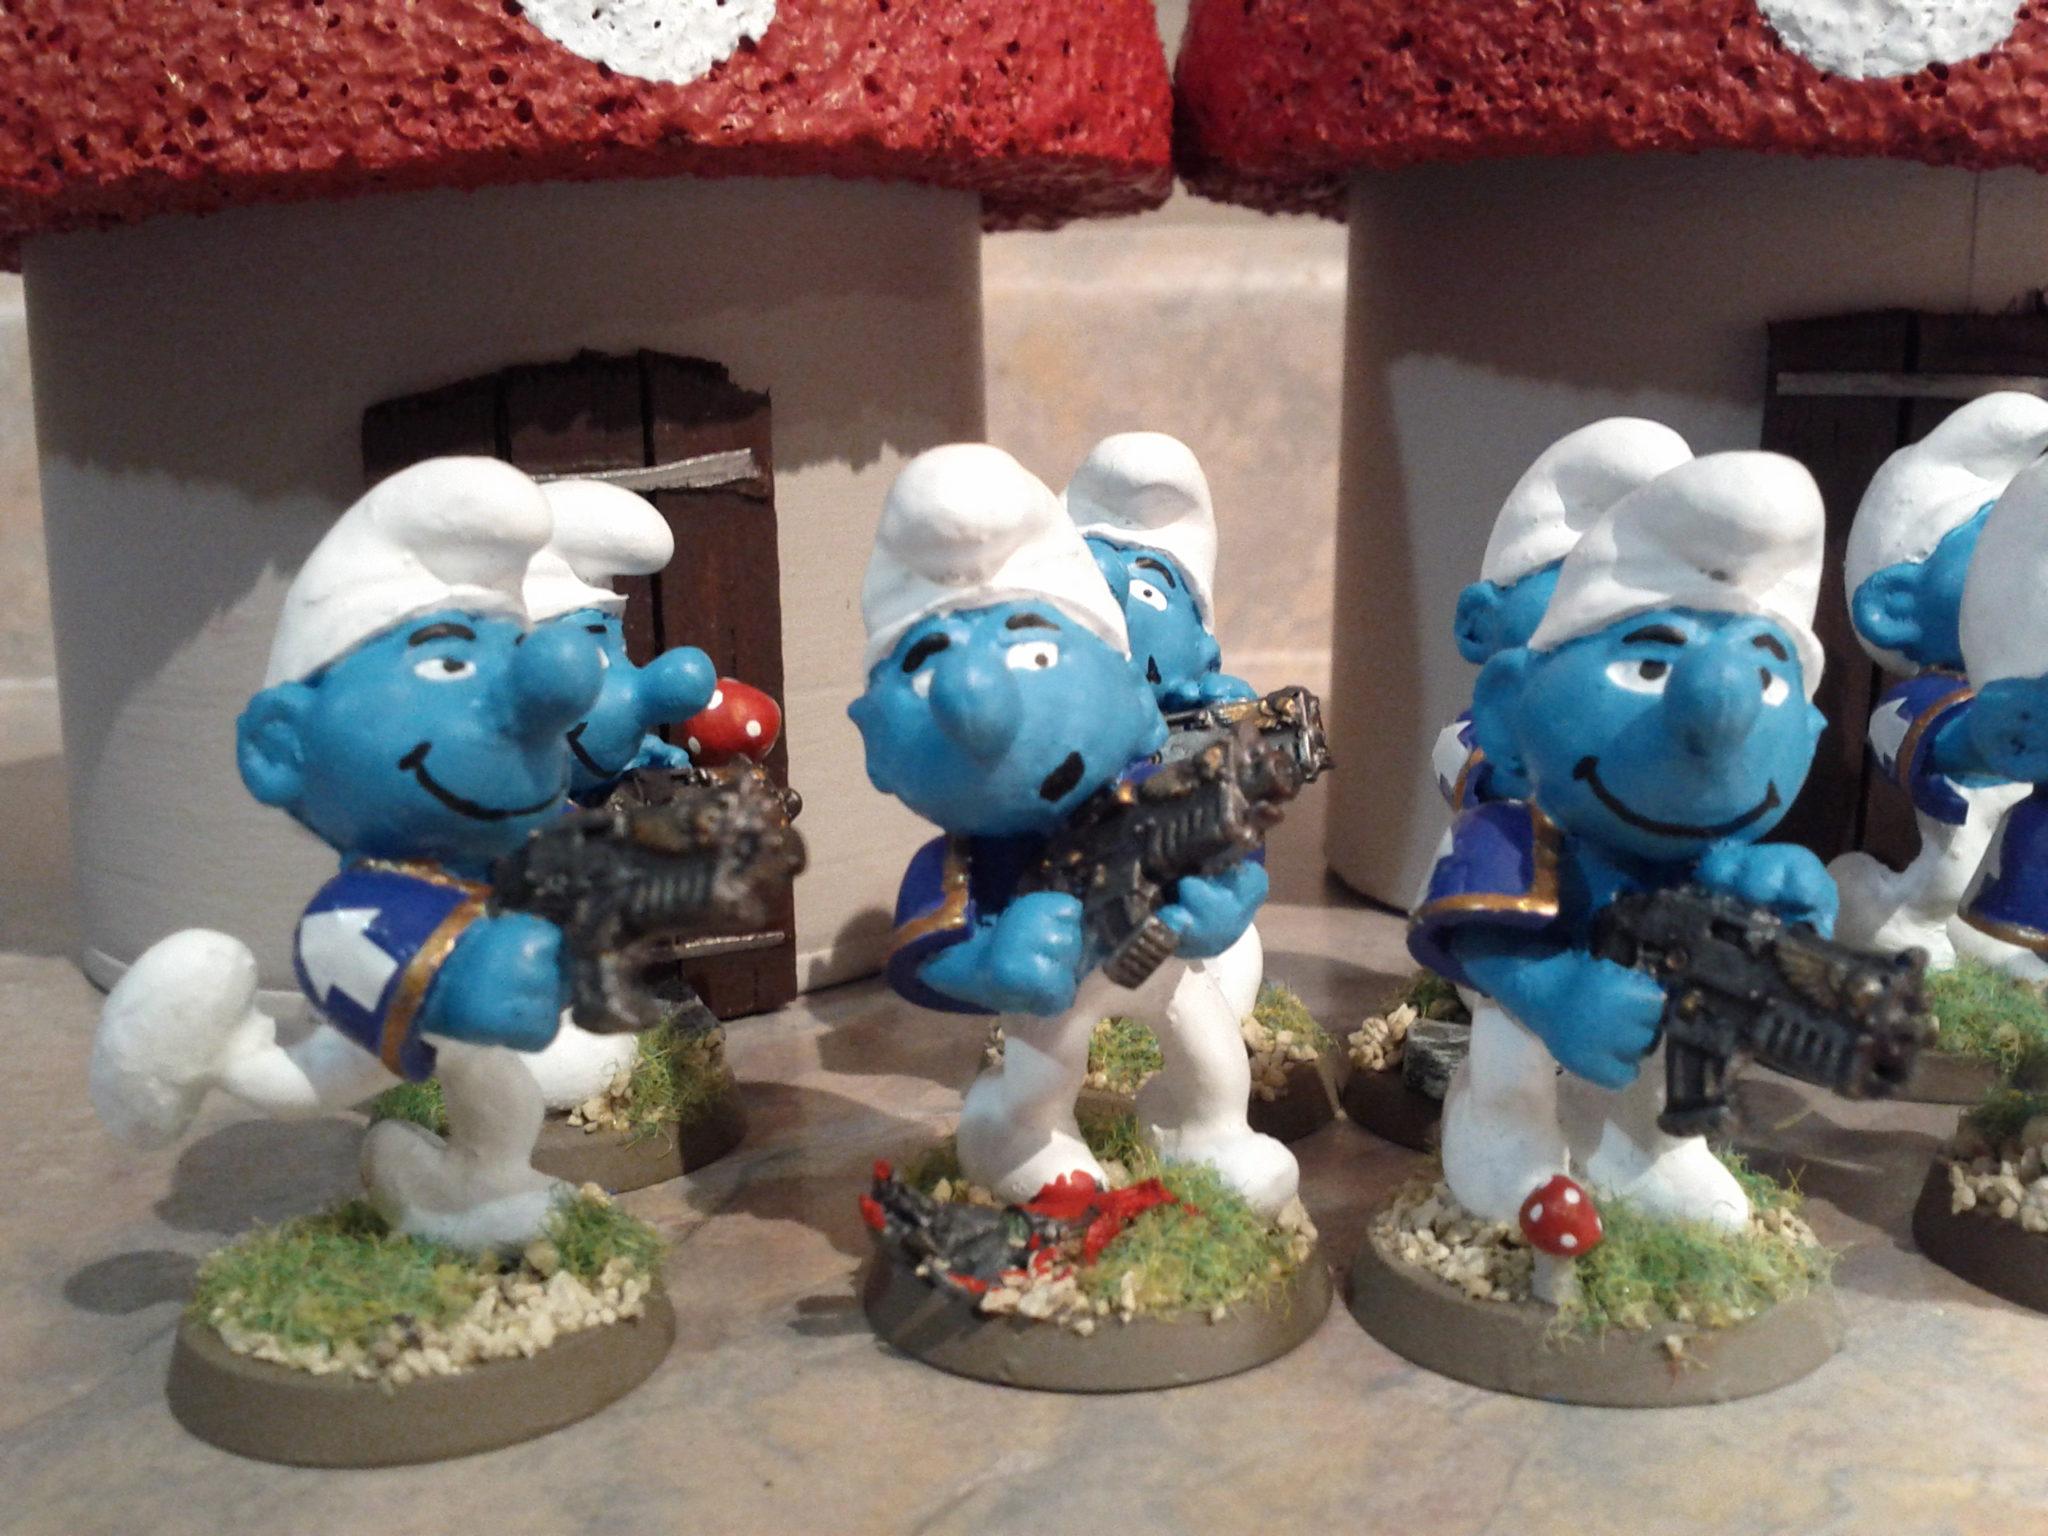 Smurf Tacticals